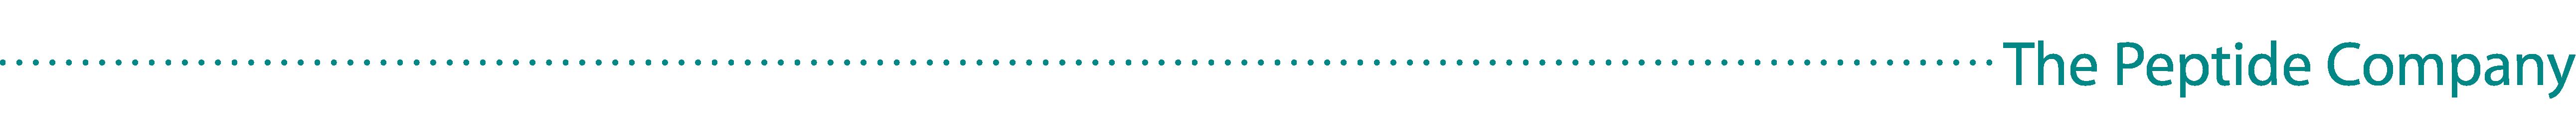 Trennlinie mit Slogan RGB 300dpi